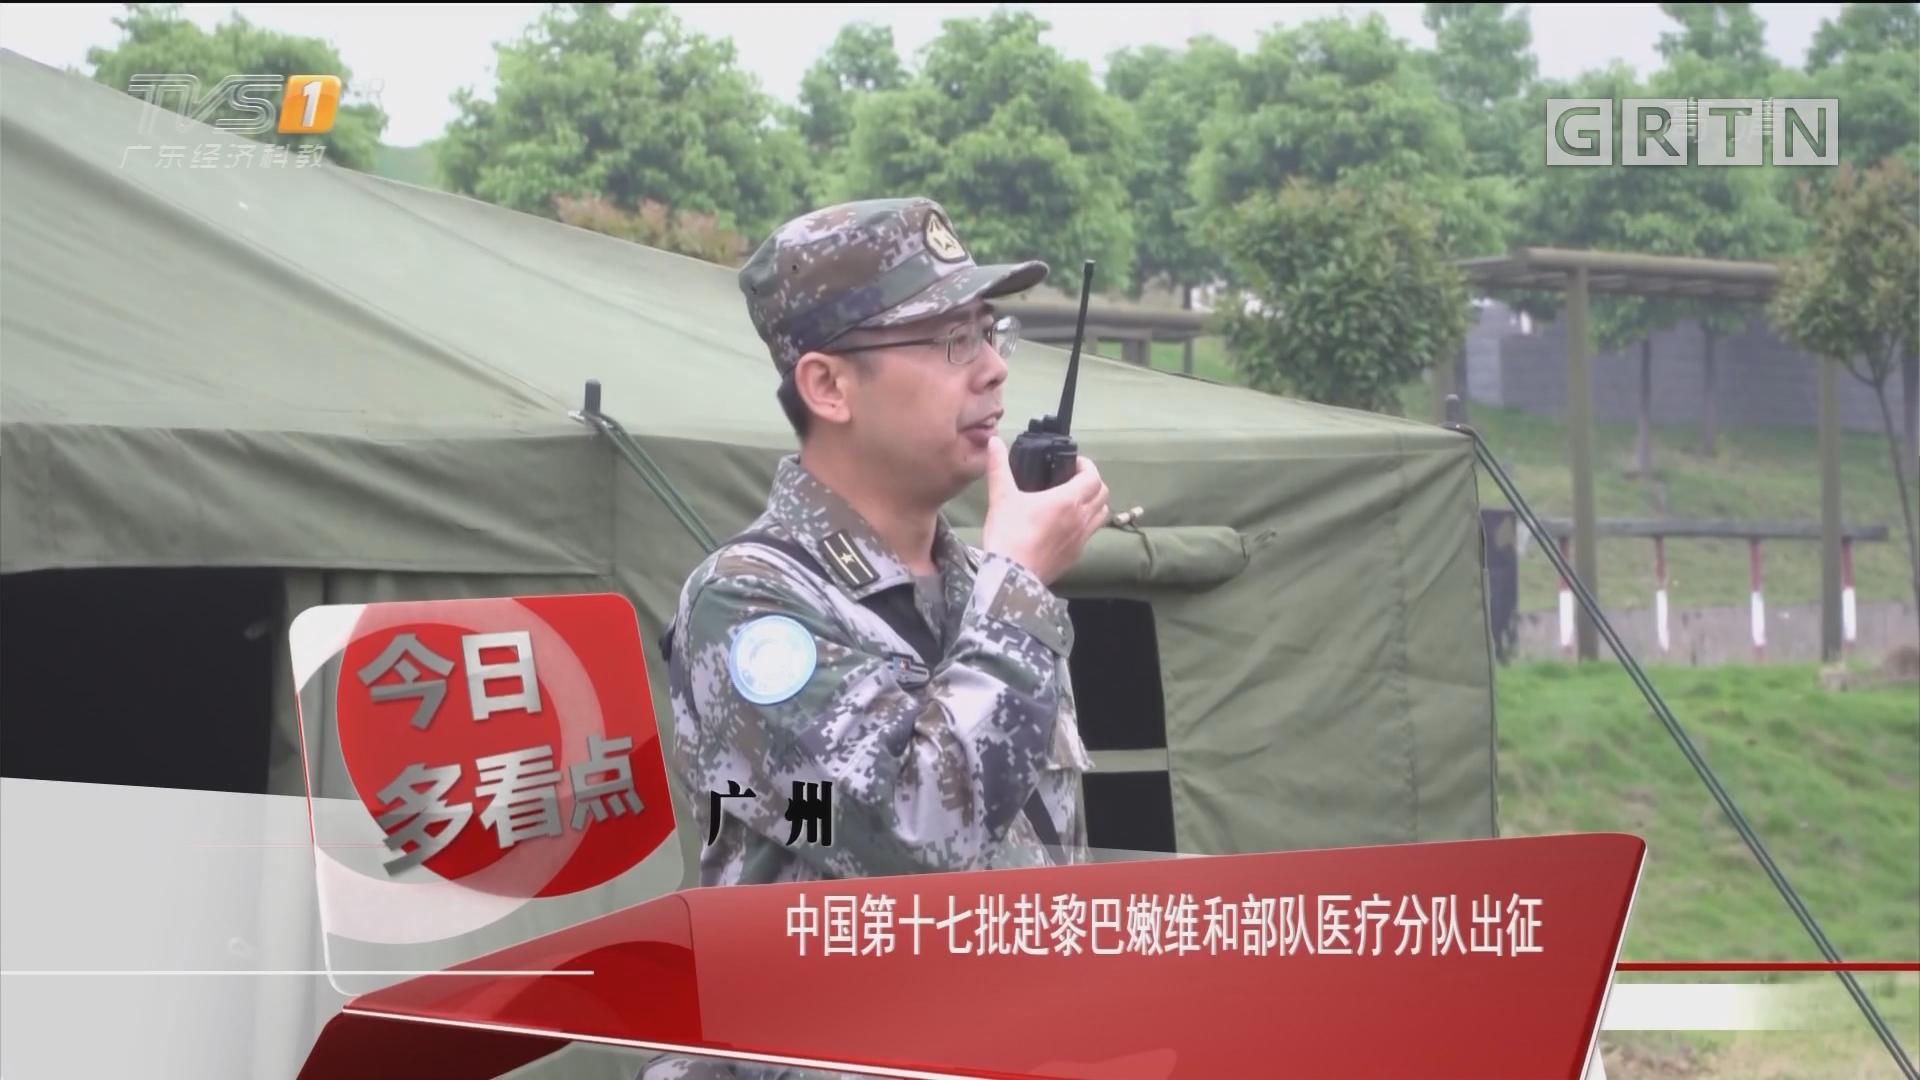 广州:中国第十七批赴黎巴嫩维和部队医疗分队出征